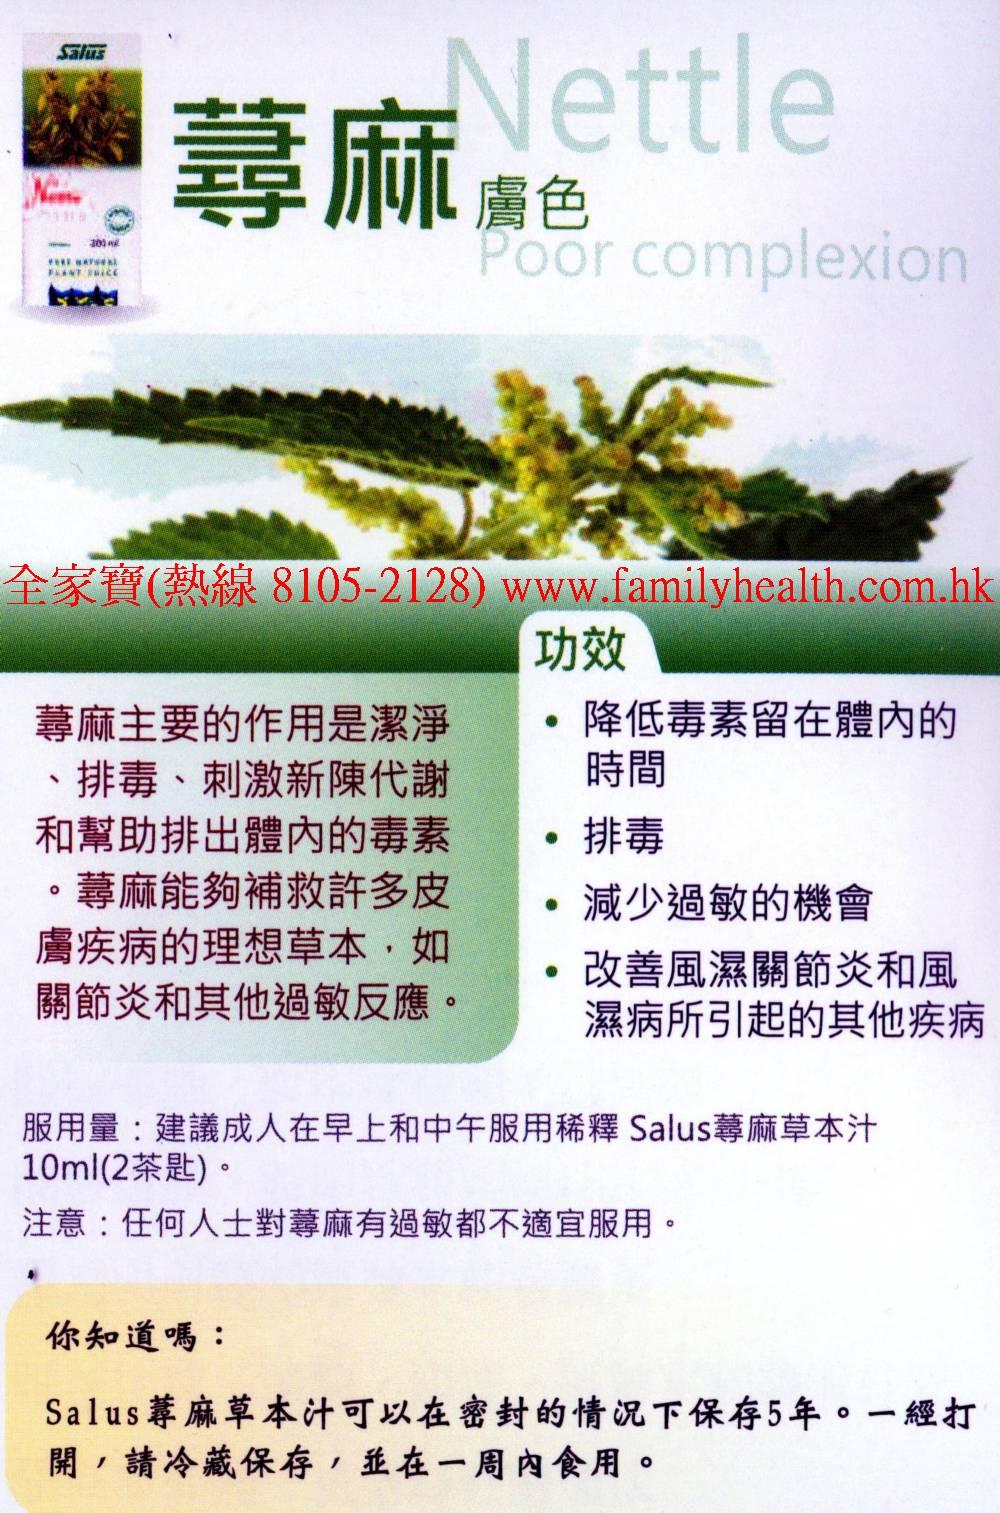 http://www.familyhealth.com.hk/files/full/205_1.jpg